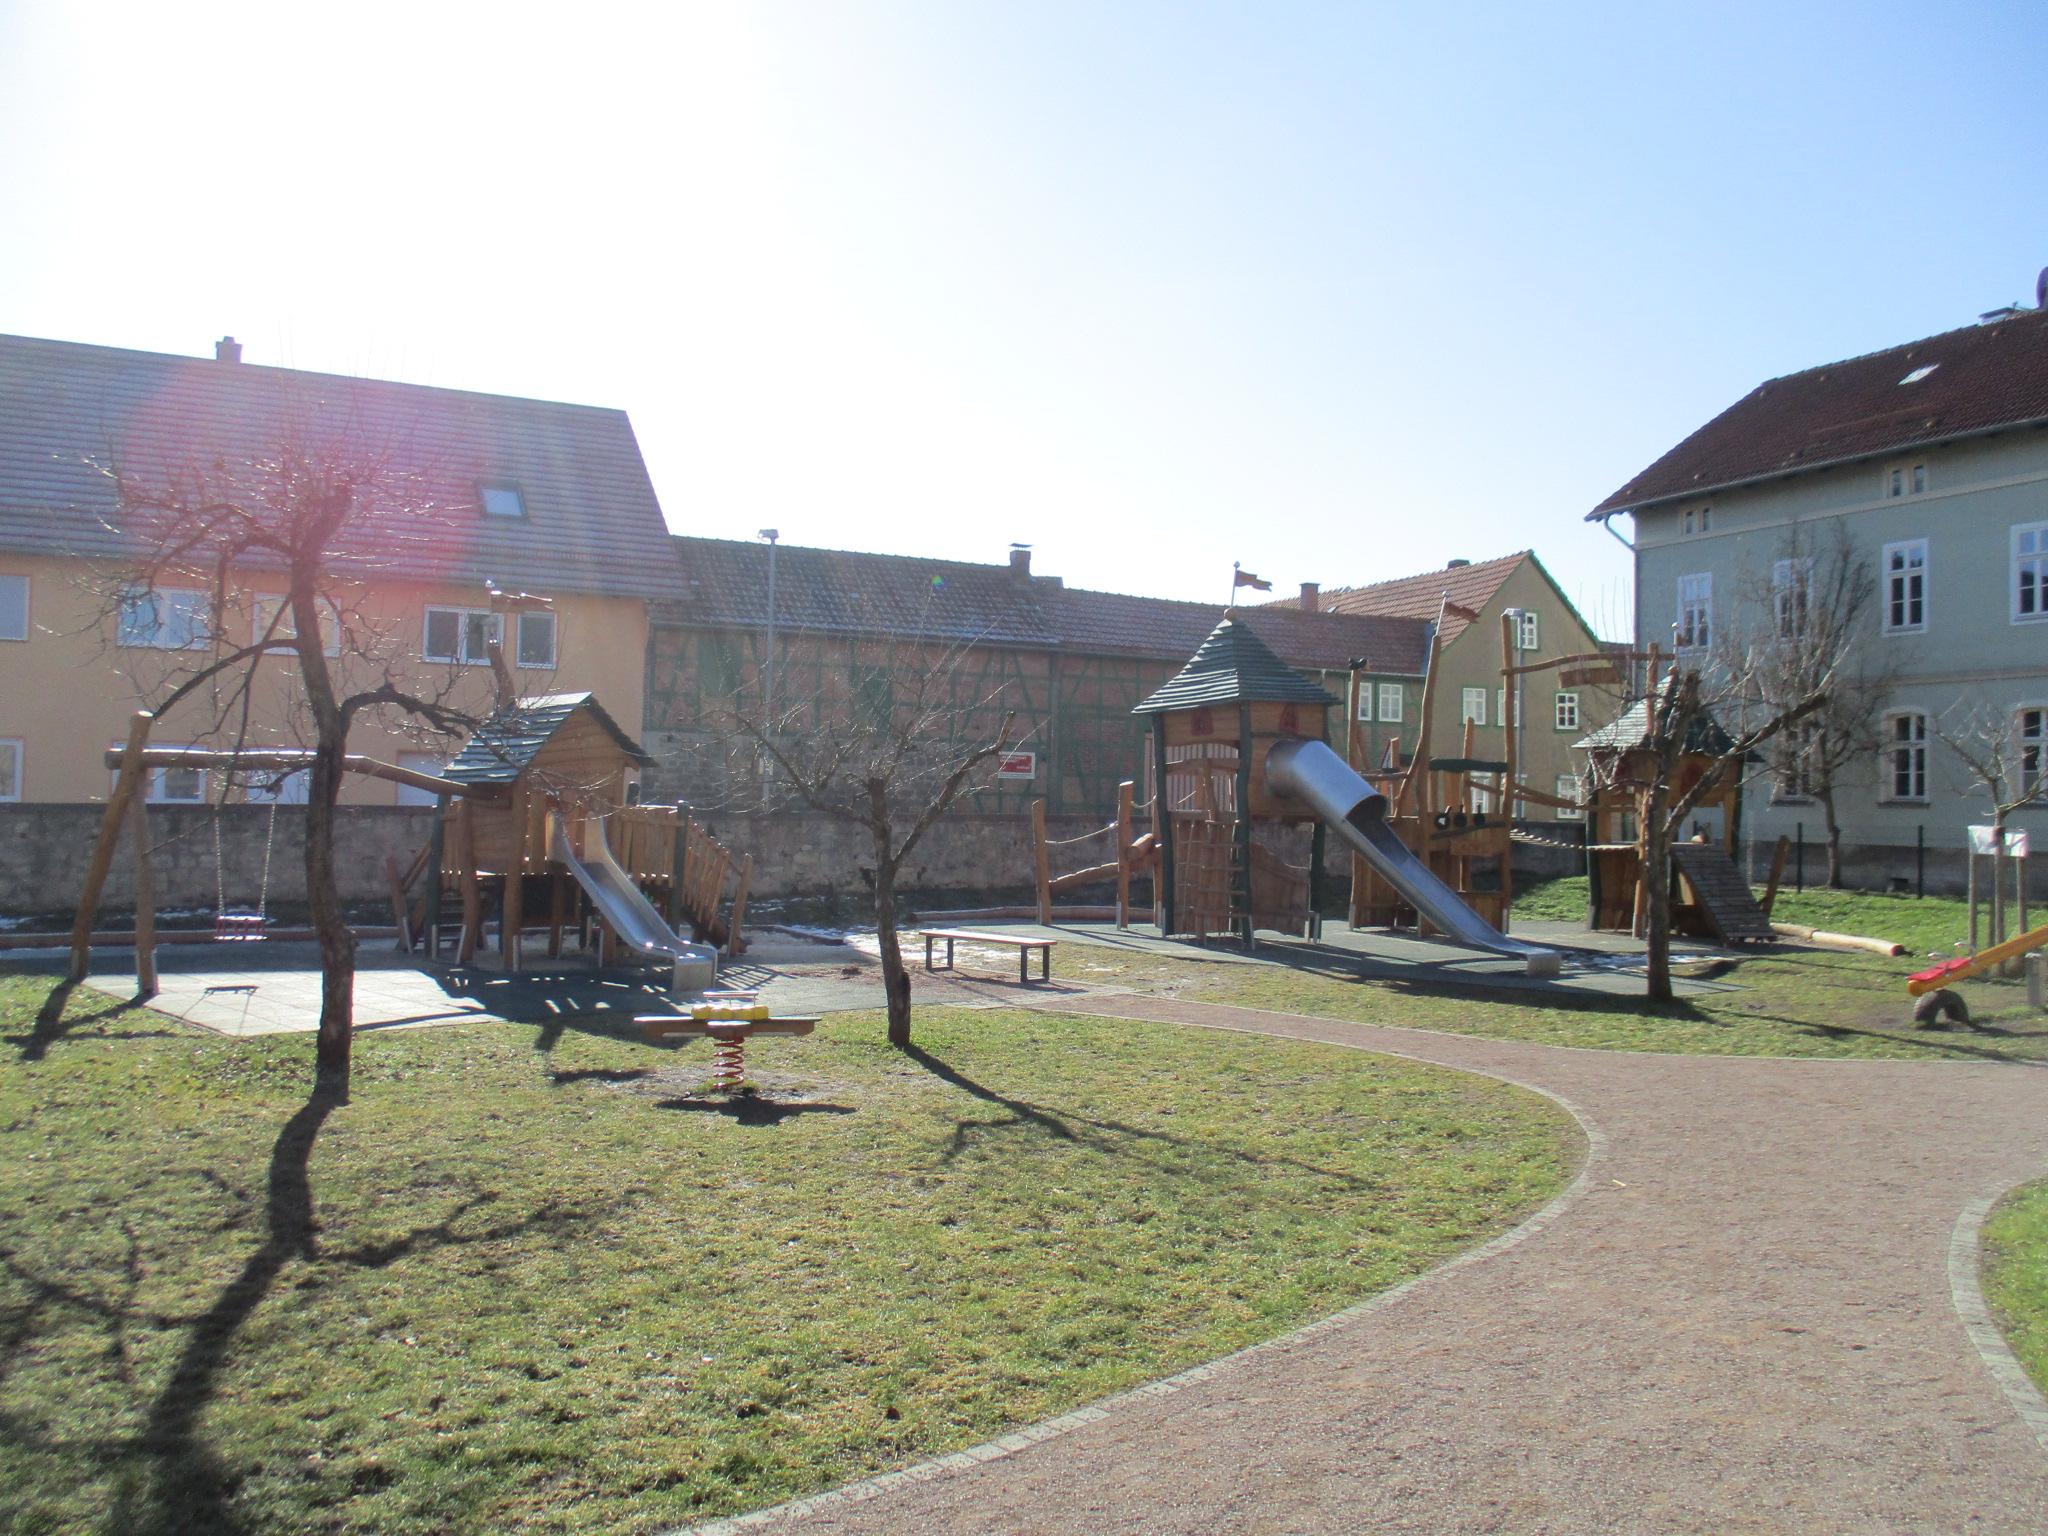 Aktivspielplatz (RAG Weimarer Land - Mittelthüringen e.V.)